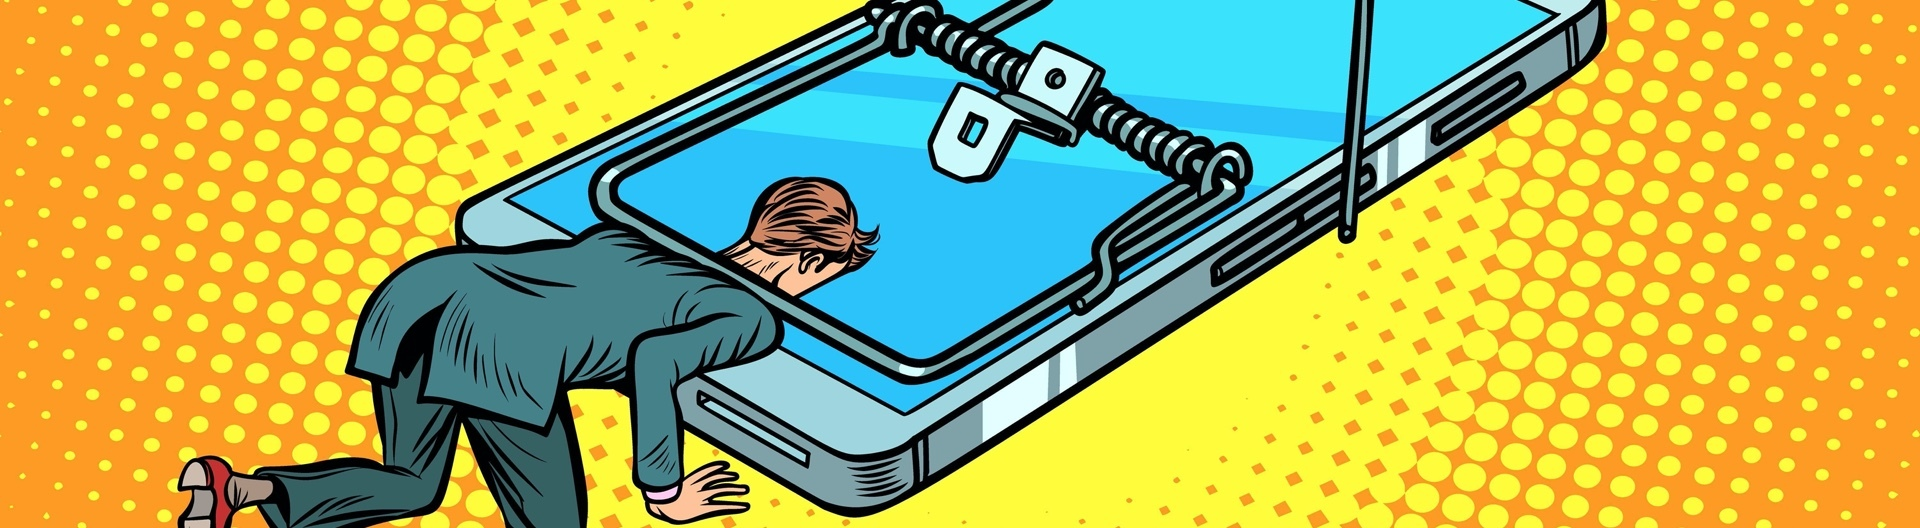 Comic, Mann wird in einer Mausefalle die auf einem Smartphone befestigt ist, festgehalten